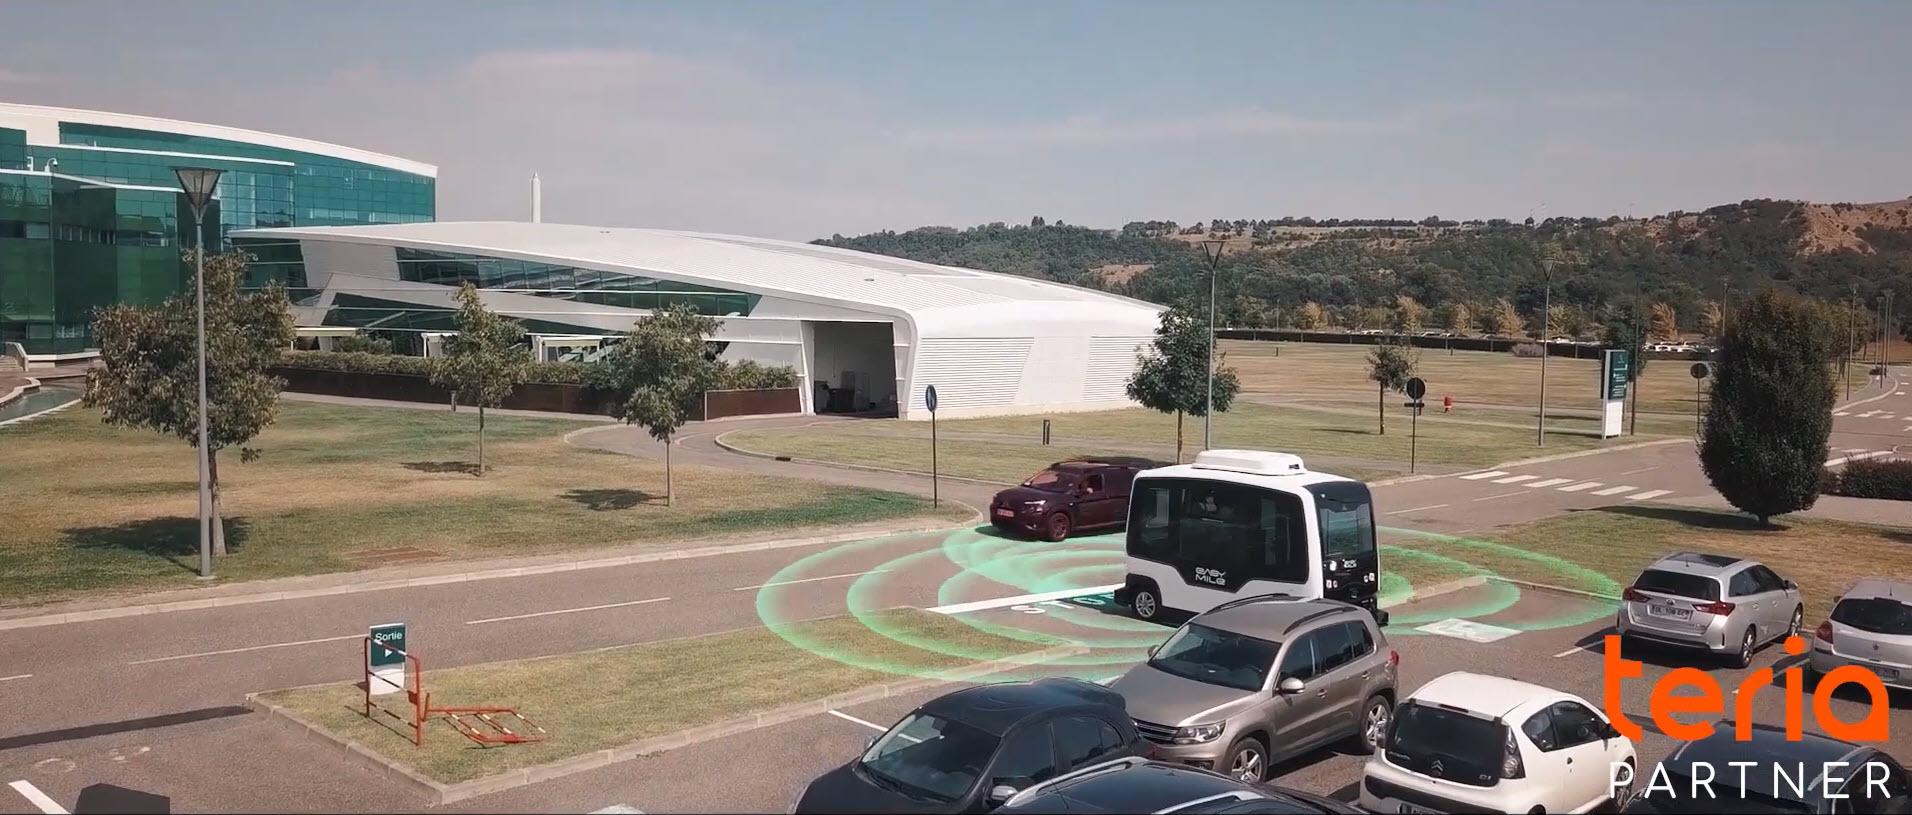 EASYMILE, pionnier dans le transport autonome